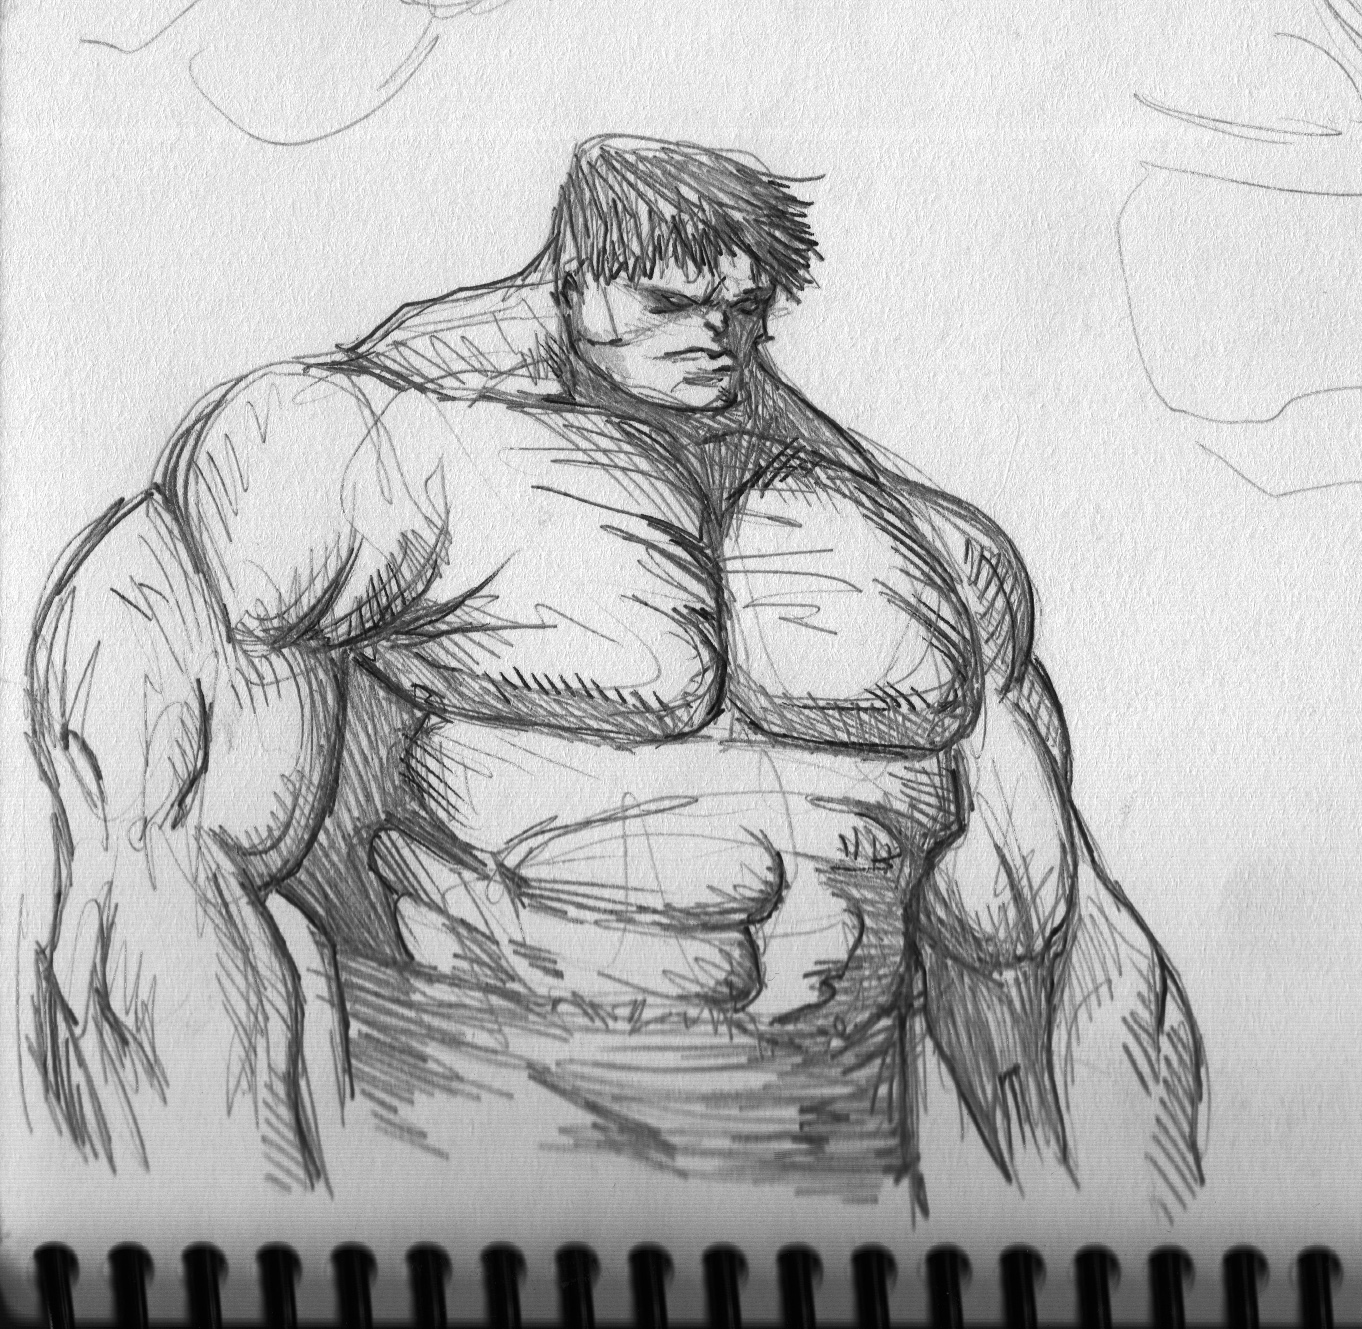 Warm up sketch hulk